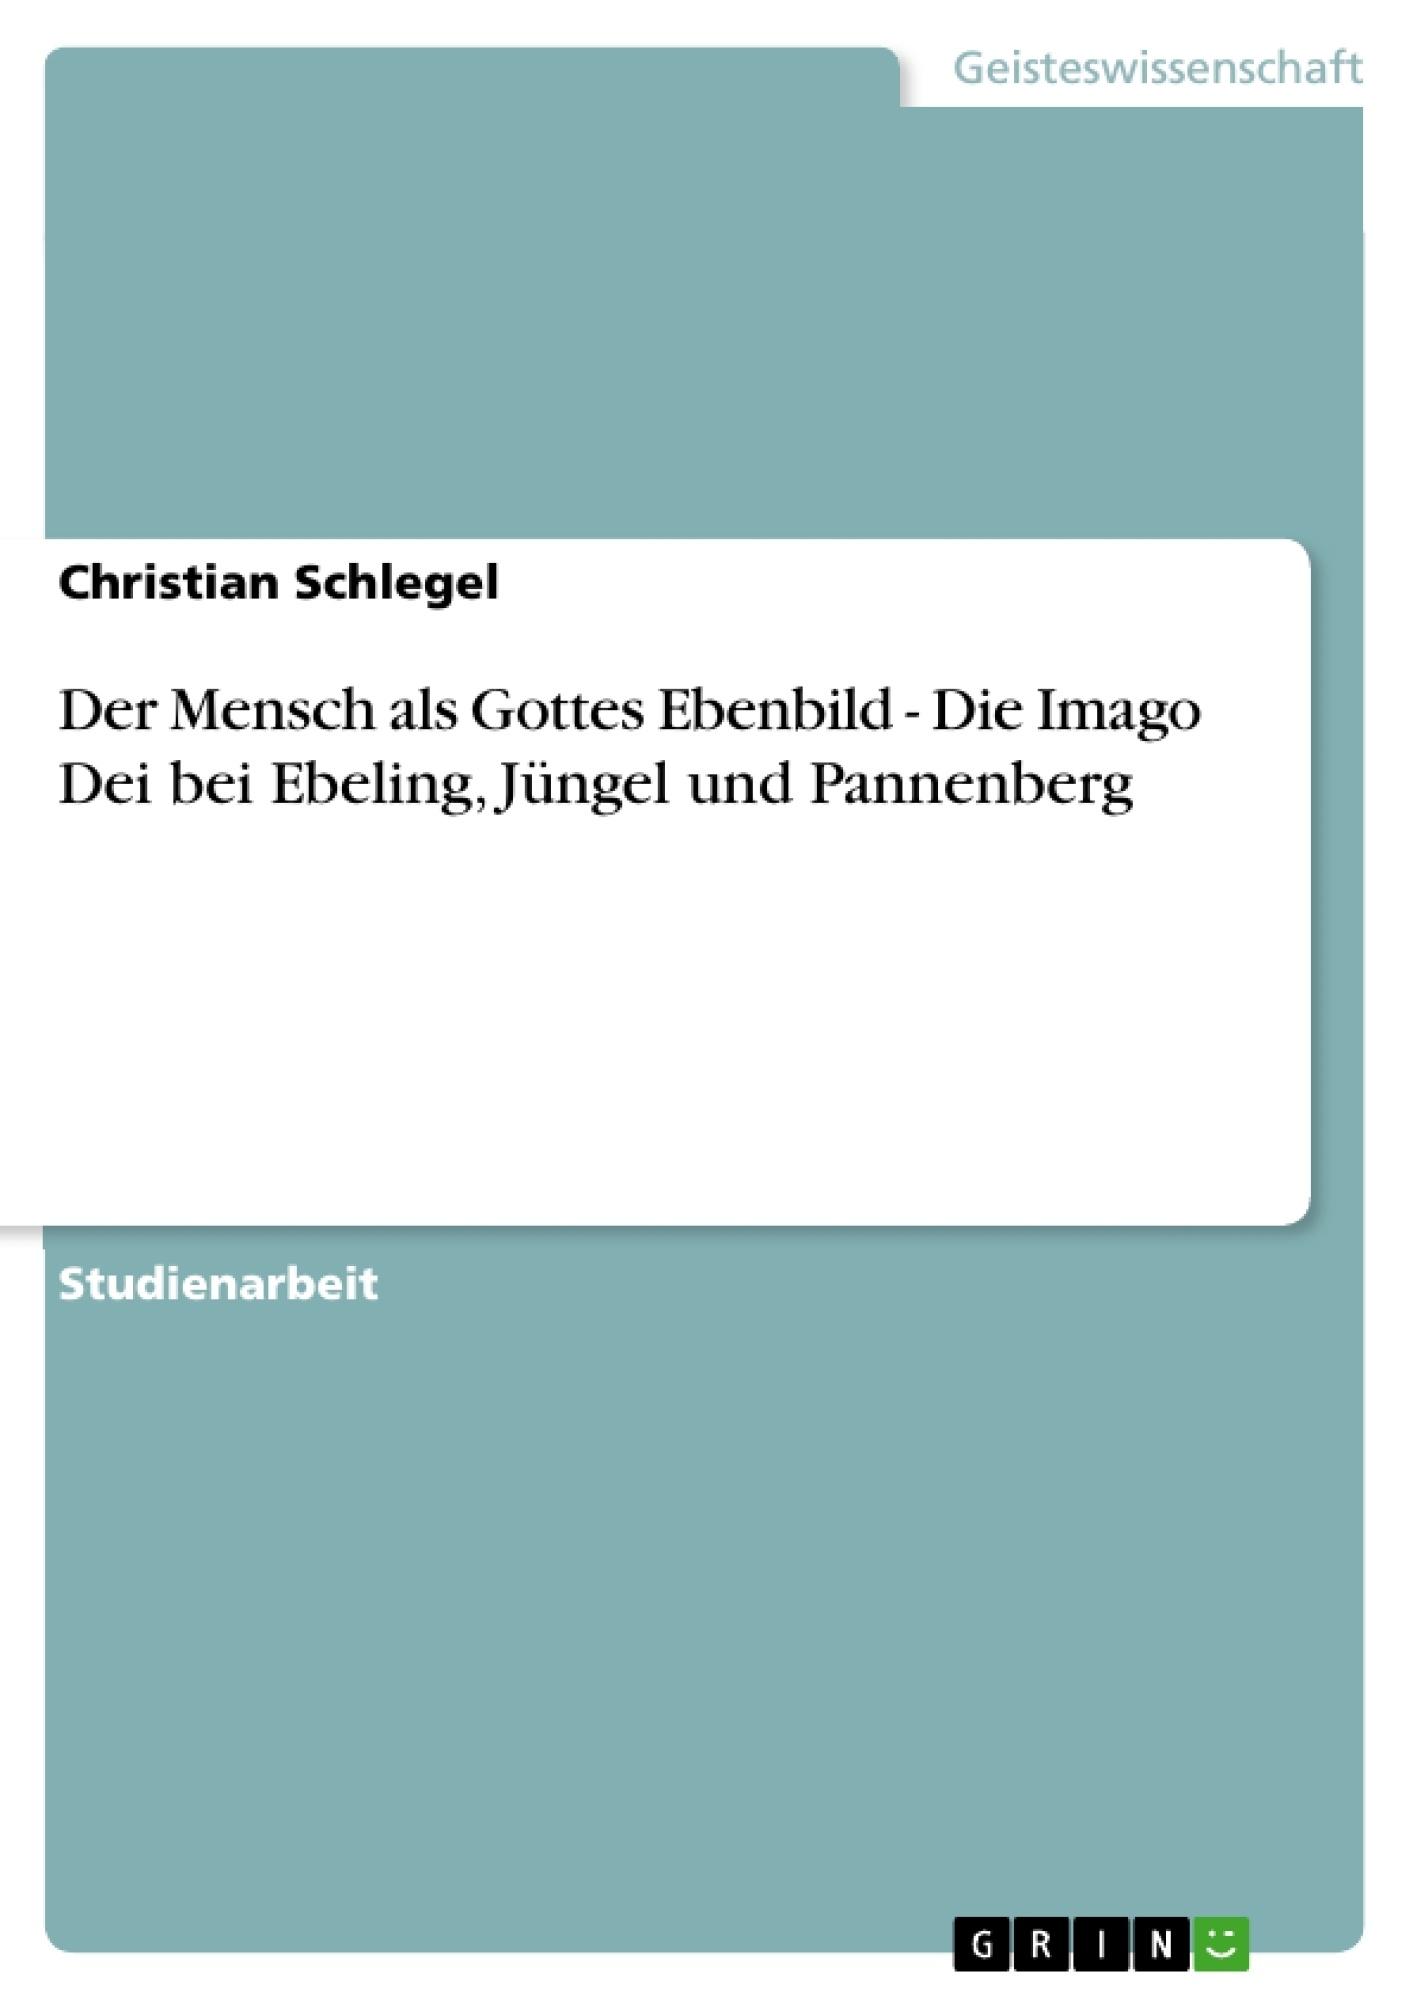 Titel: Der Mensch als Gottes Ebenbild - Die Imago Dei bei Ebeling, Jüngel und Pannenberg